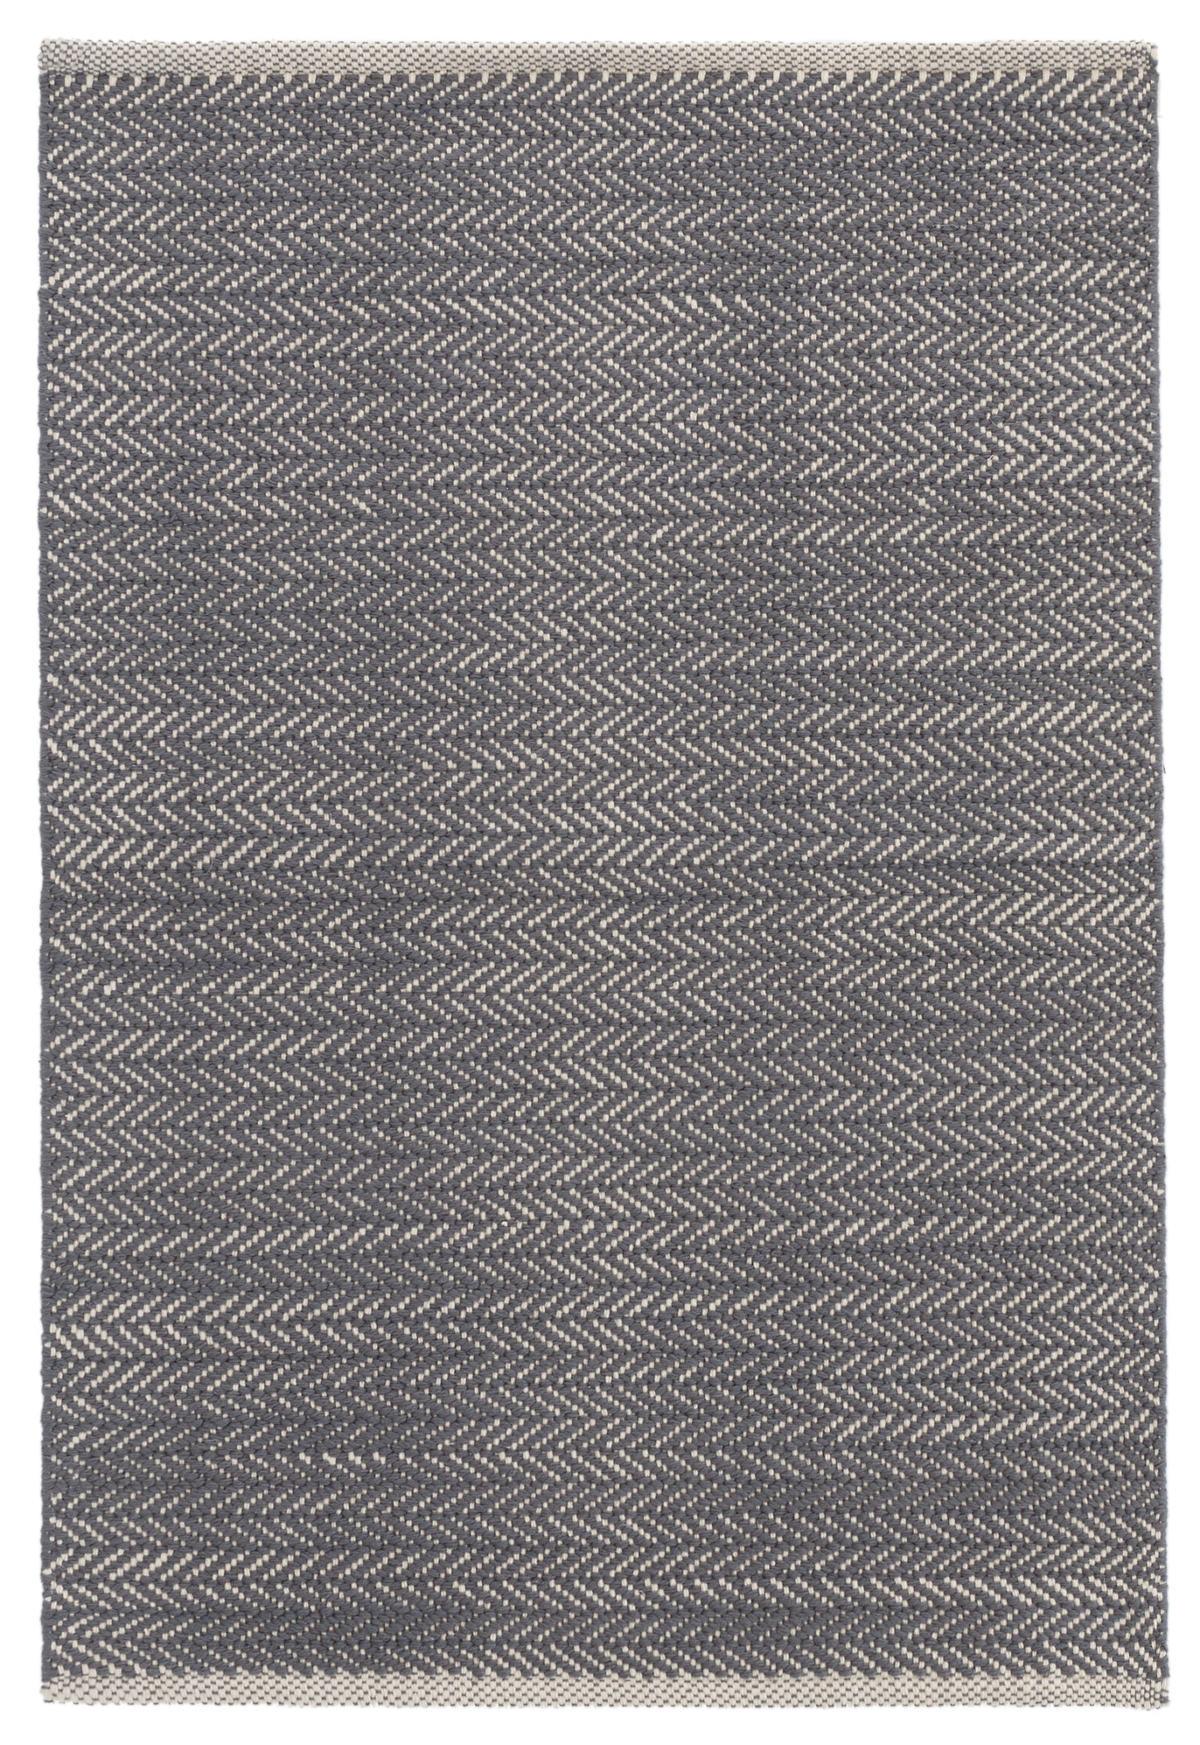 Herringbone Shale Woven Cotton Rug